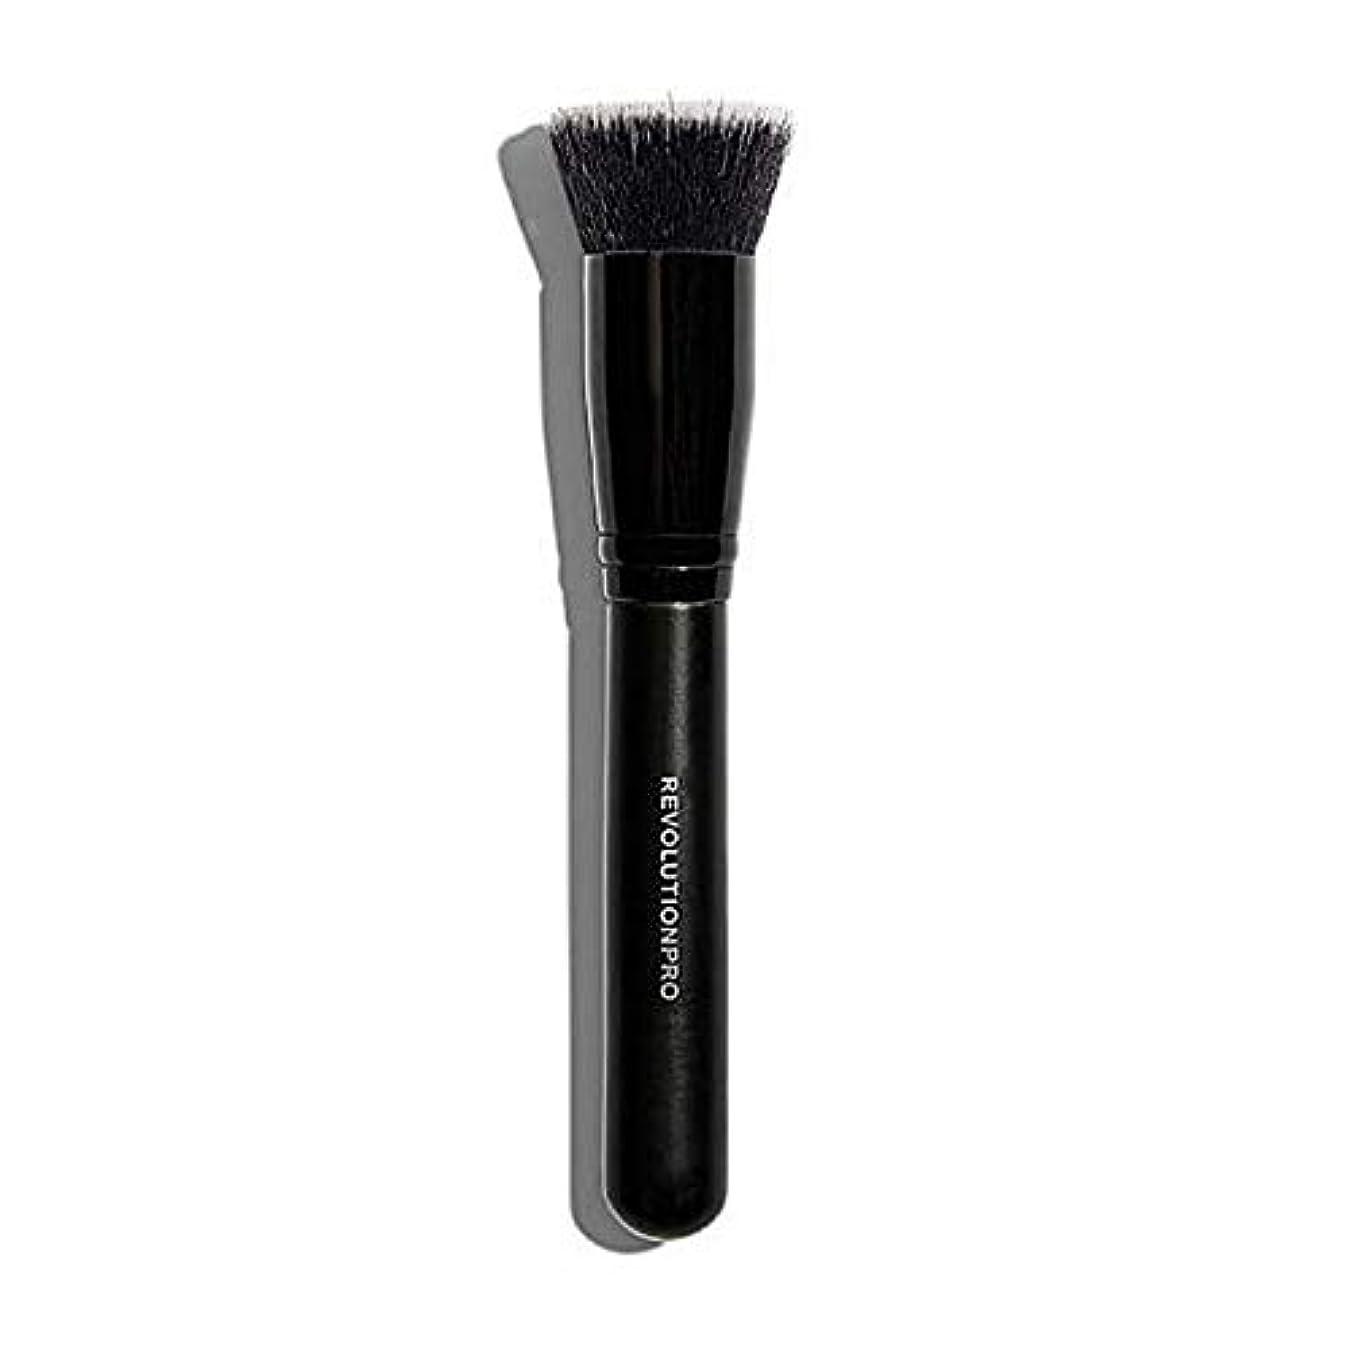 図治療レガシー[Revolution ] 革命プロの液滴の基礎化粧ブラシ - Revolution Pro Liquid Drop Foundation Makeup Brush [並行輸入品]